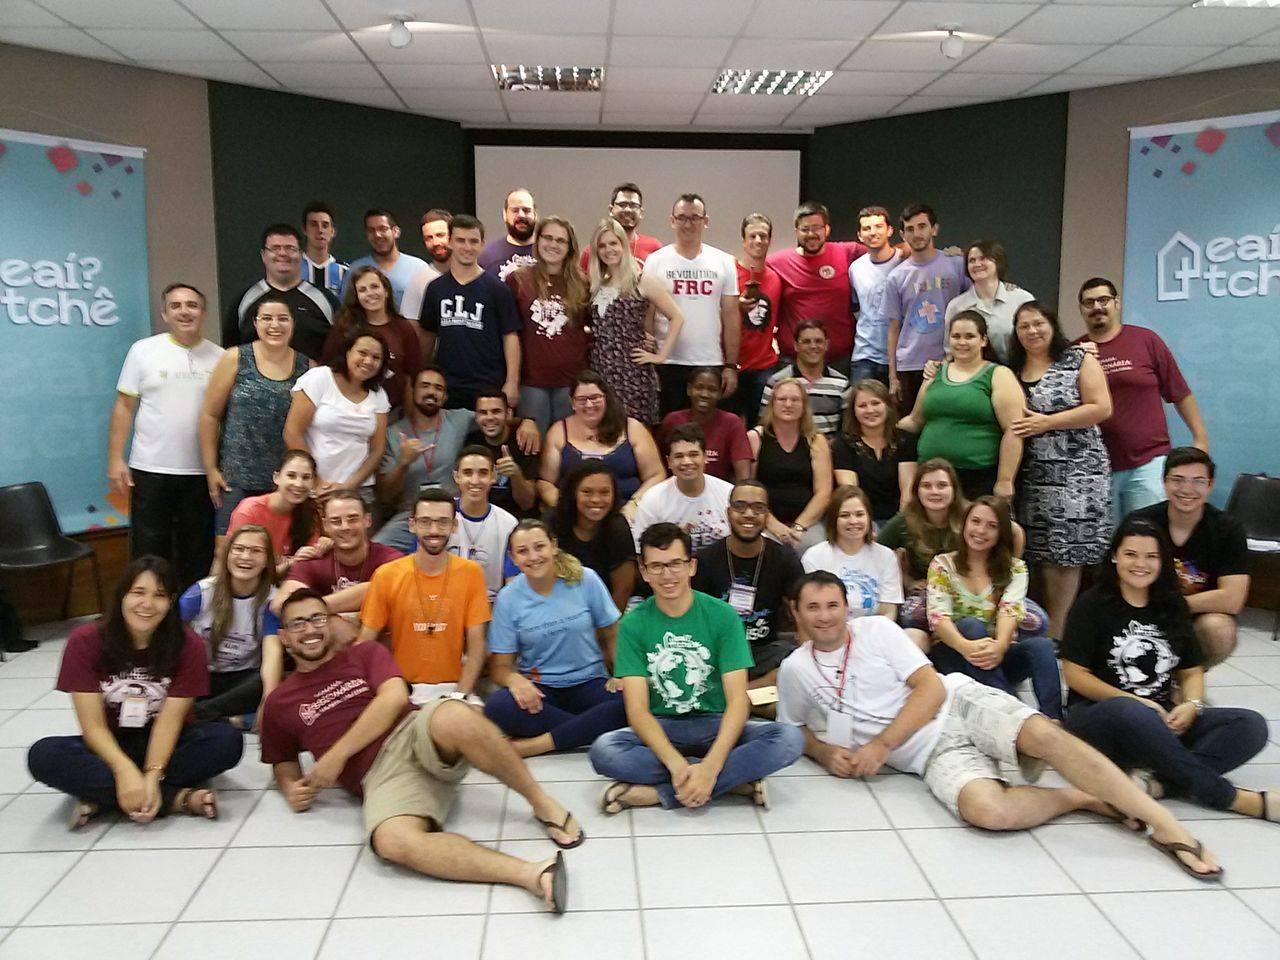 Eai?Tchê: Regional Sul 3 planeja evangelização para a juventude